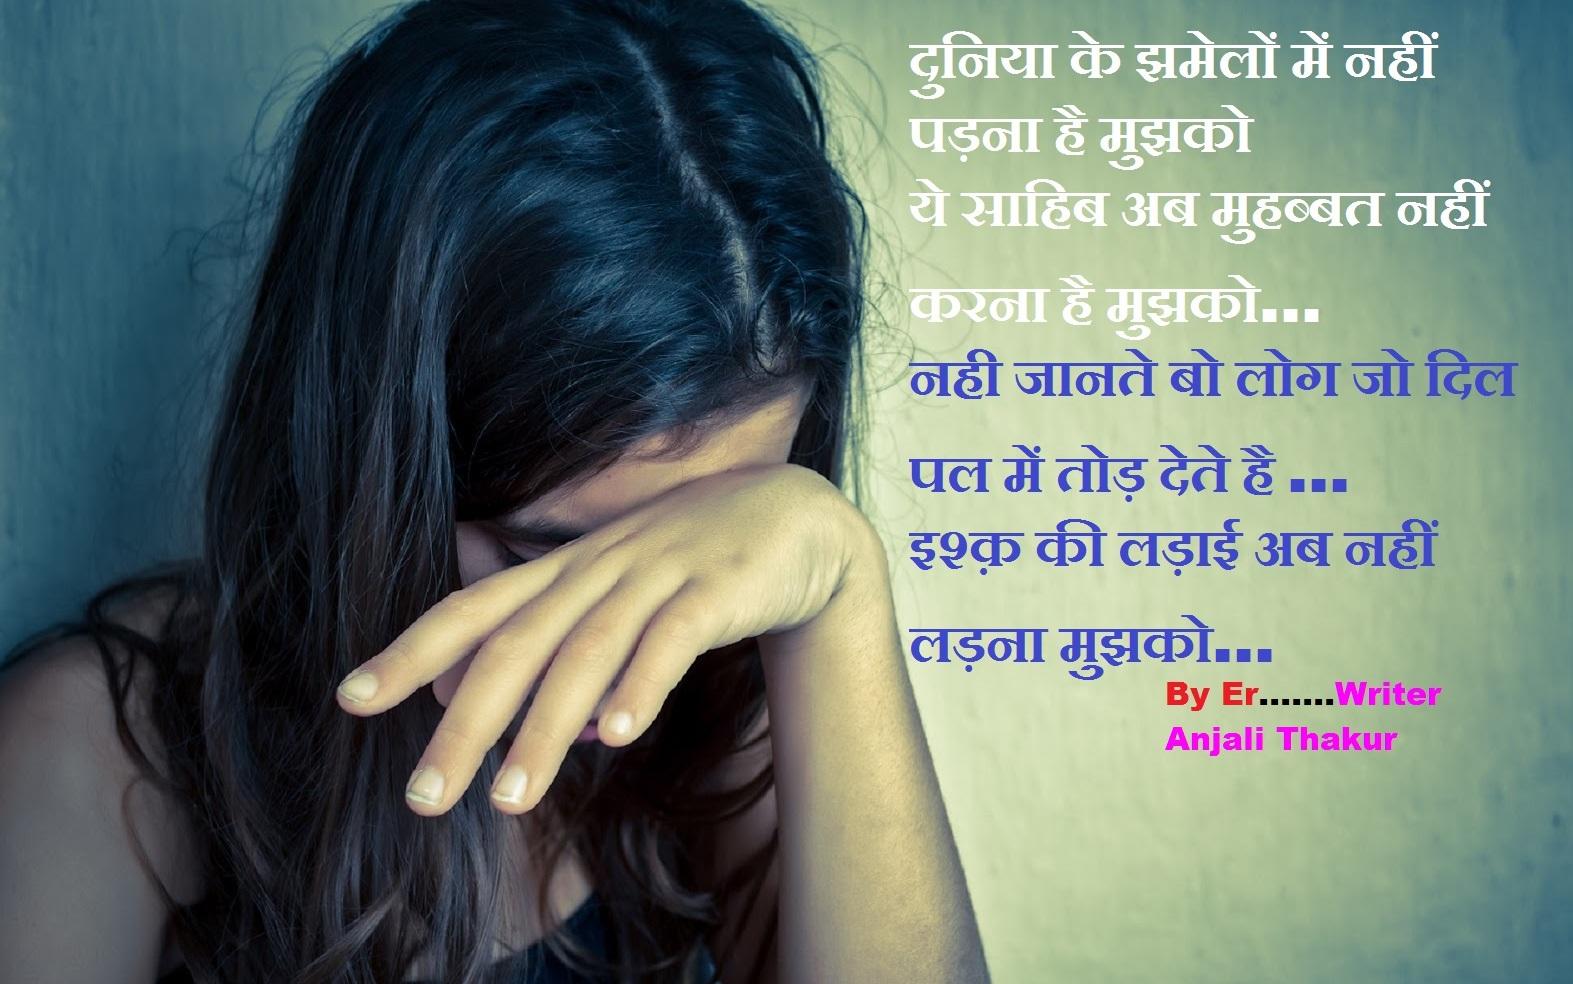 sad shayari boy and girl, sad love shayari in hindi for boyfriend, sad love shayari in hindi for girlfriend, very sad shayari on life, sad shayari in hindi for life, very sad shayari, दुनिया के झमेलों में नहीं पड़ना है मुझको ये साहिब अब मुहब्बत नहीं करना है मुझको-नही जानते बो लोग जो दिल पल में तोड़ देते है-इश्क़ की लड़ाई अब नहीं लड़ना मुझको